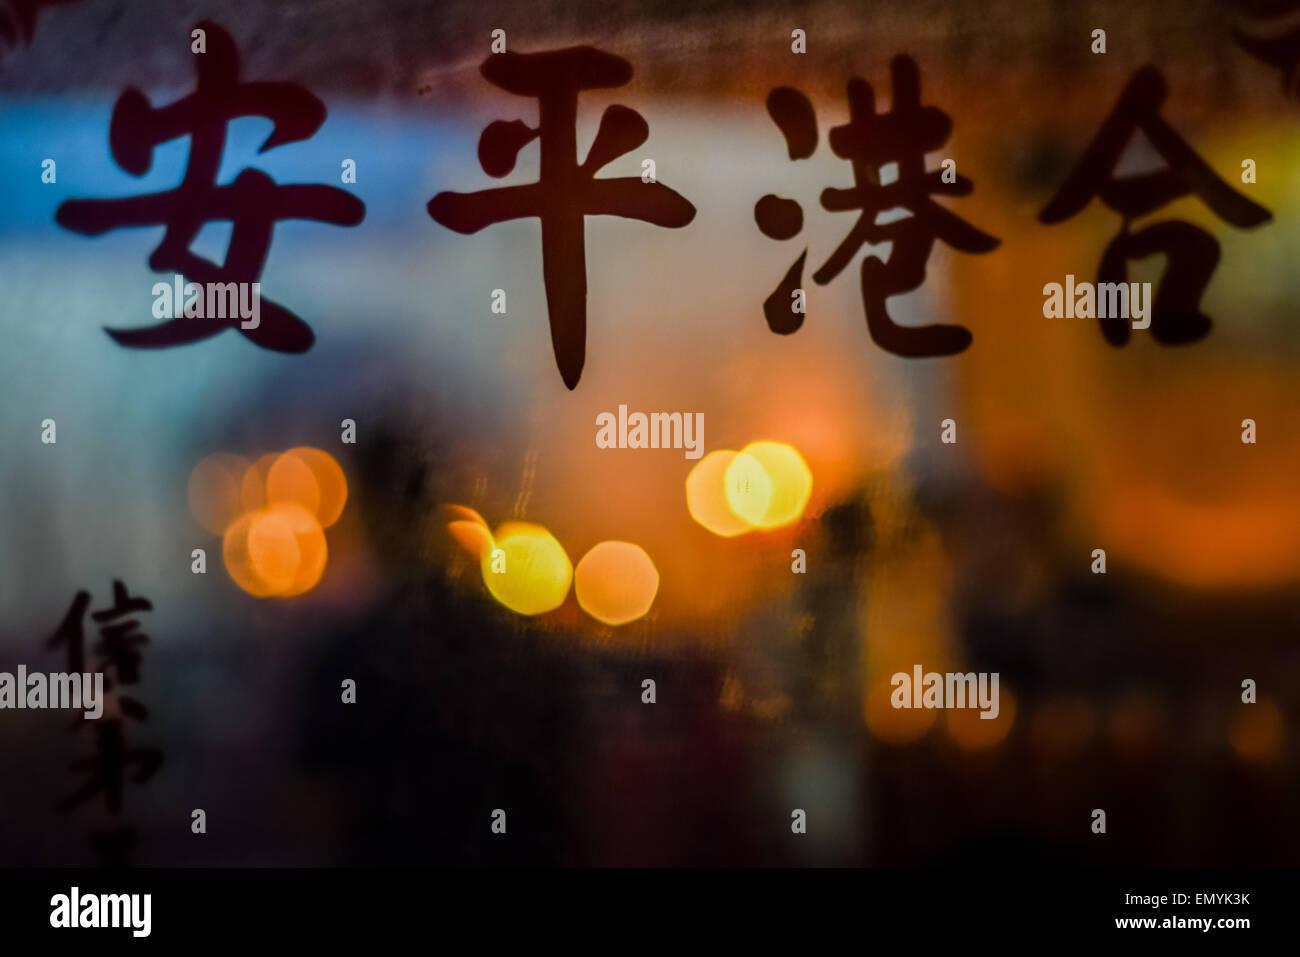 Chinesische Schrift Stockfotos & Chinesische Schrift Bilder